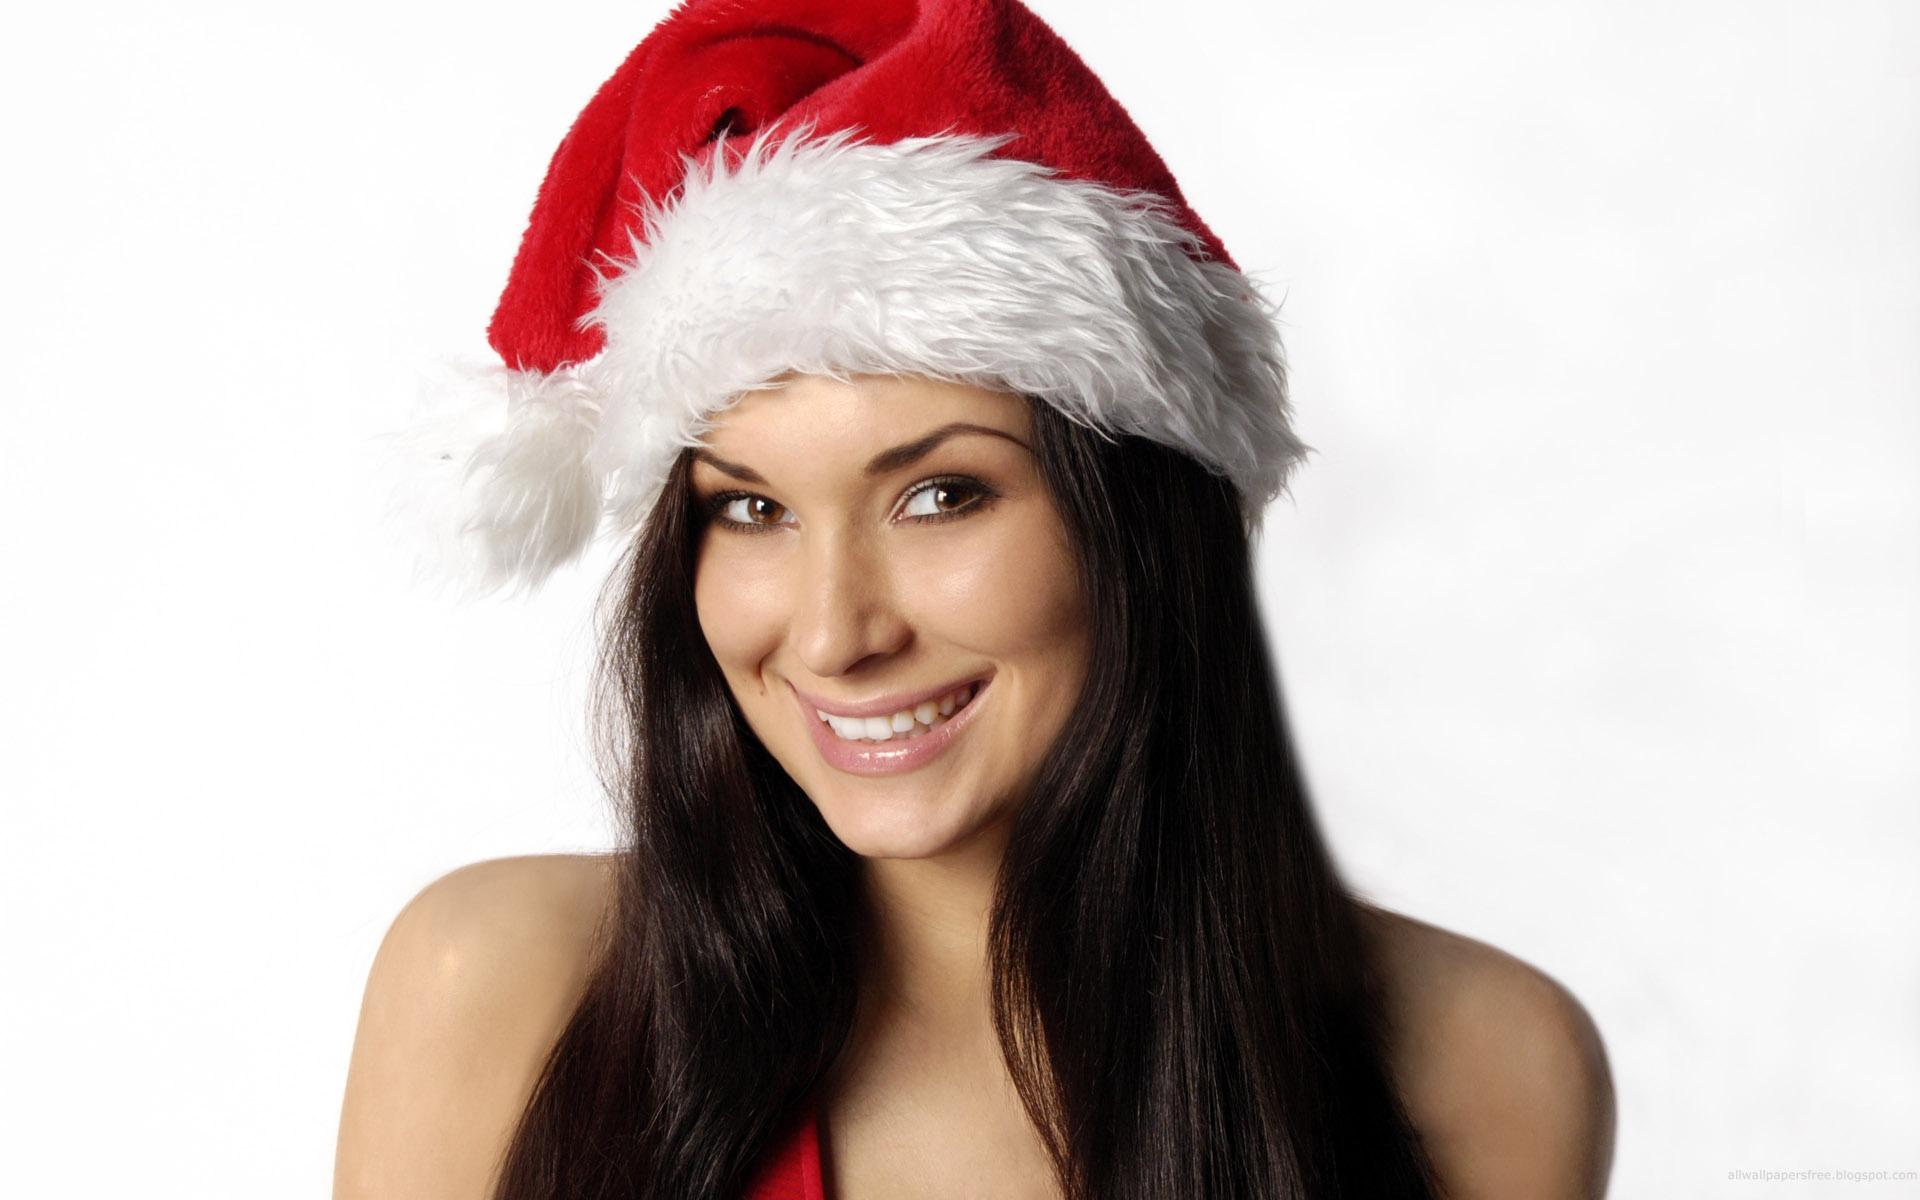 Hermosa mujer con gorra de navidad - 1920x1200